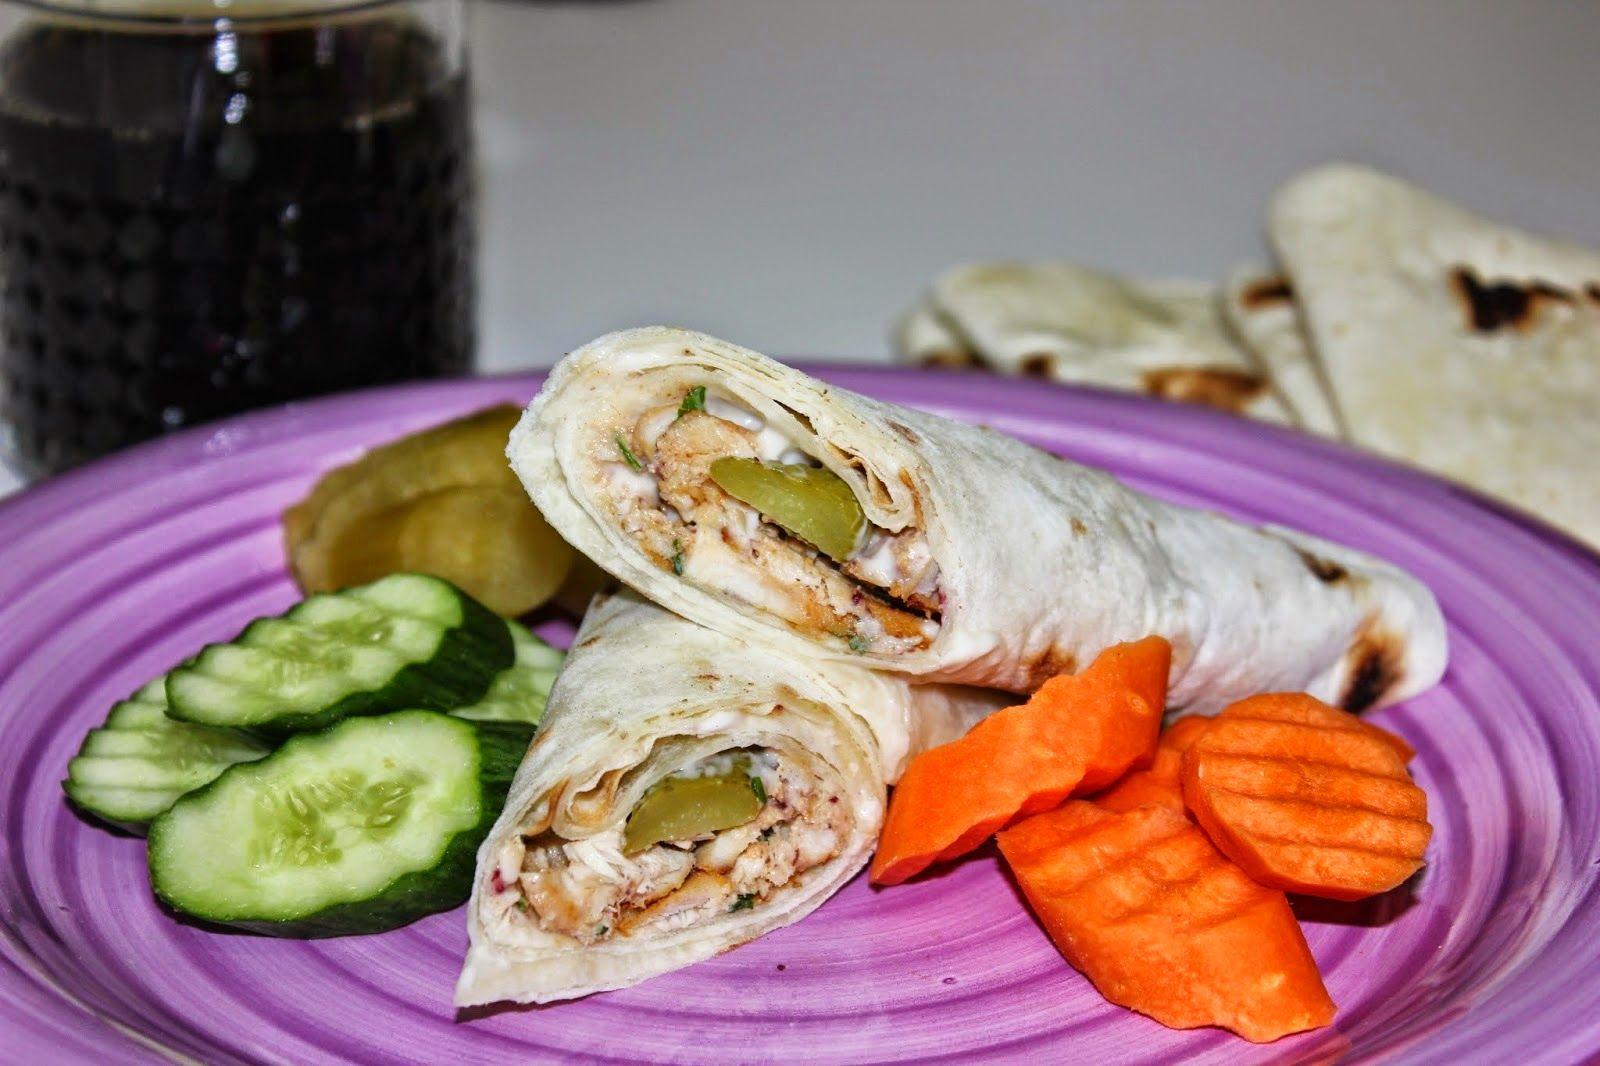 طريقة عمل الشاورما على طريقتي وطريقة عمل خبز التورتيلا للشاورما بالصور Recipes From Heaven Food Middle Eastern Recipes